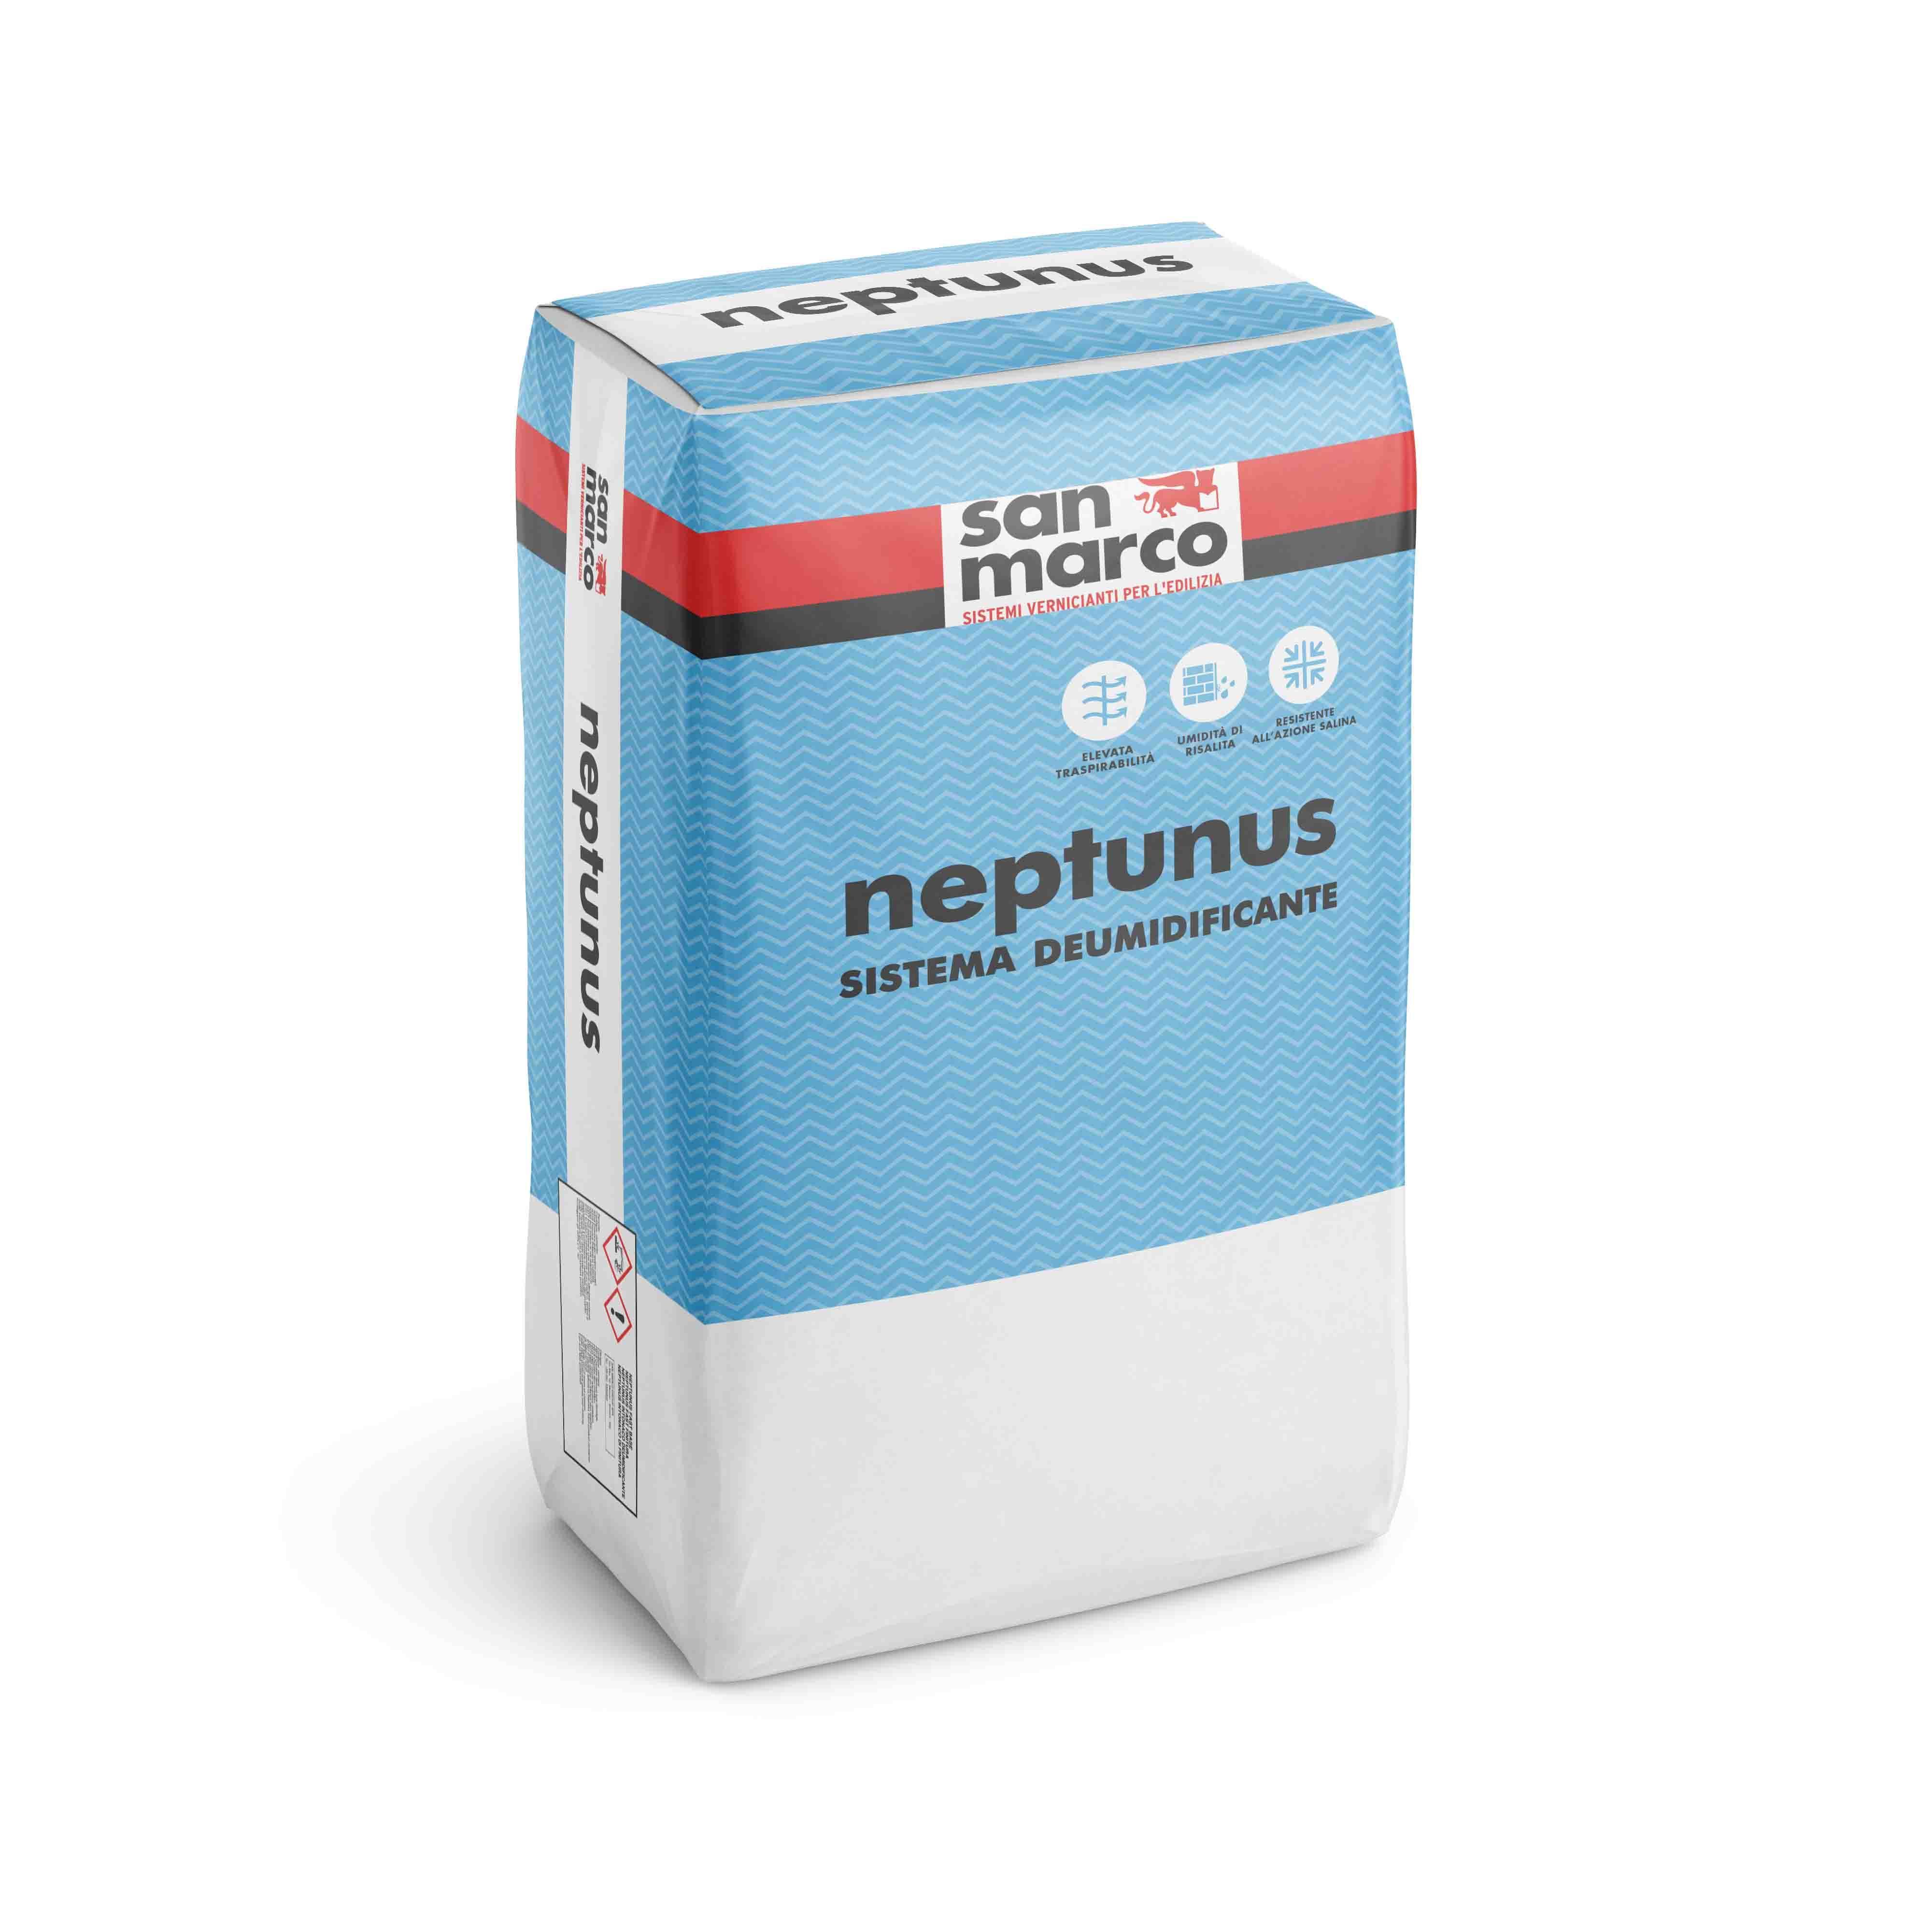 NEPTUNUS/AQUASYSTEM INTONACO DI FINITURA